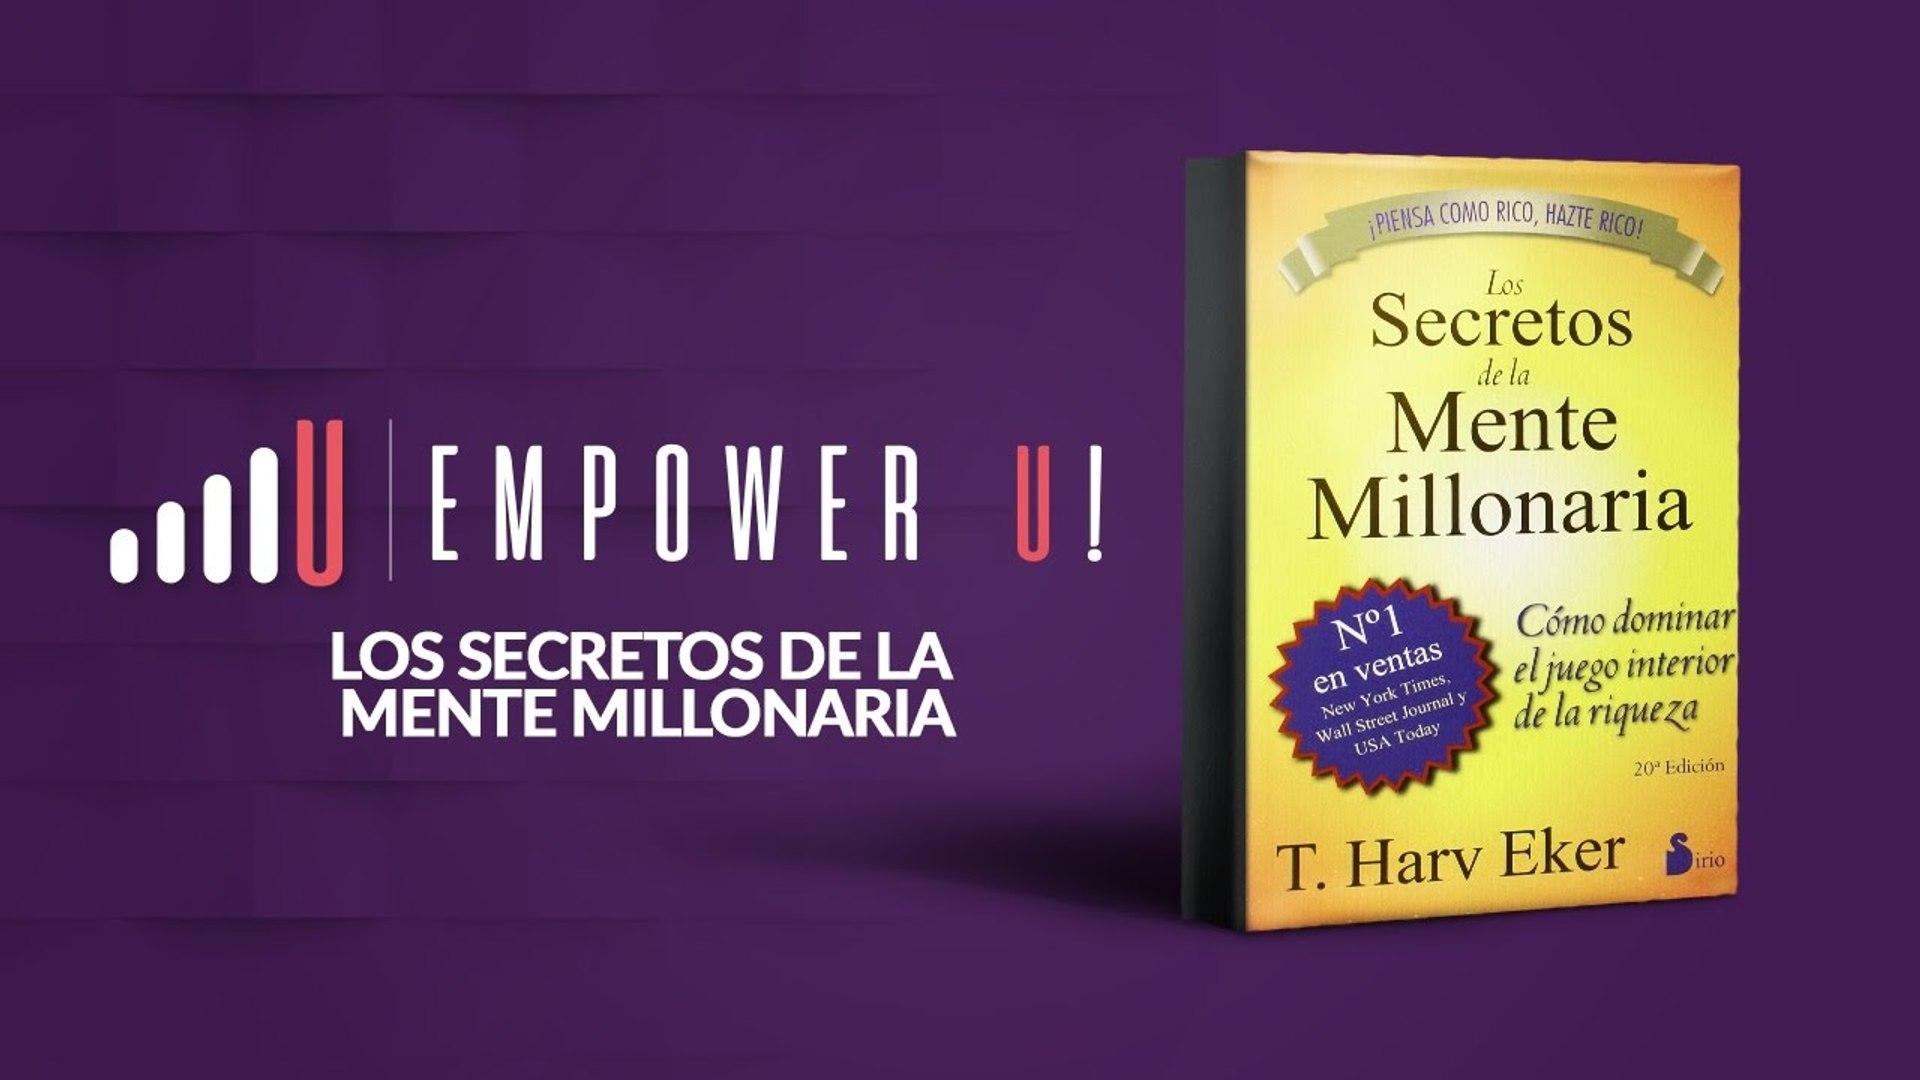 Los Secretos De La Mente Millonaria Audio Libro Completo Latino Descargar En Mega Gratis Vídeo Dailymotion